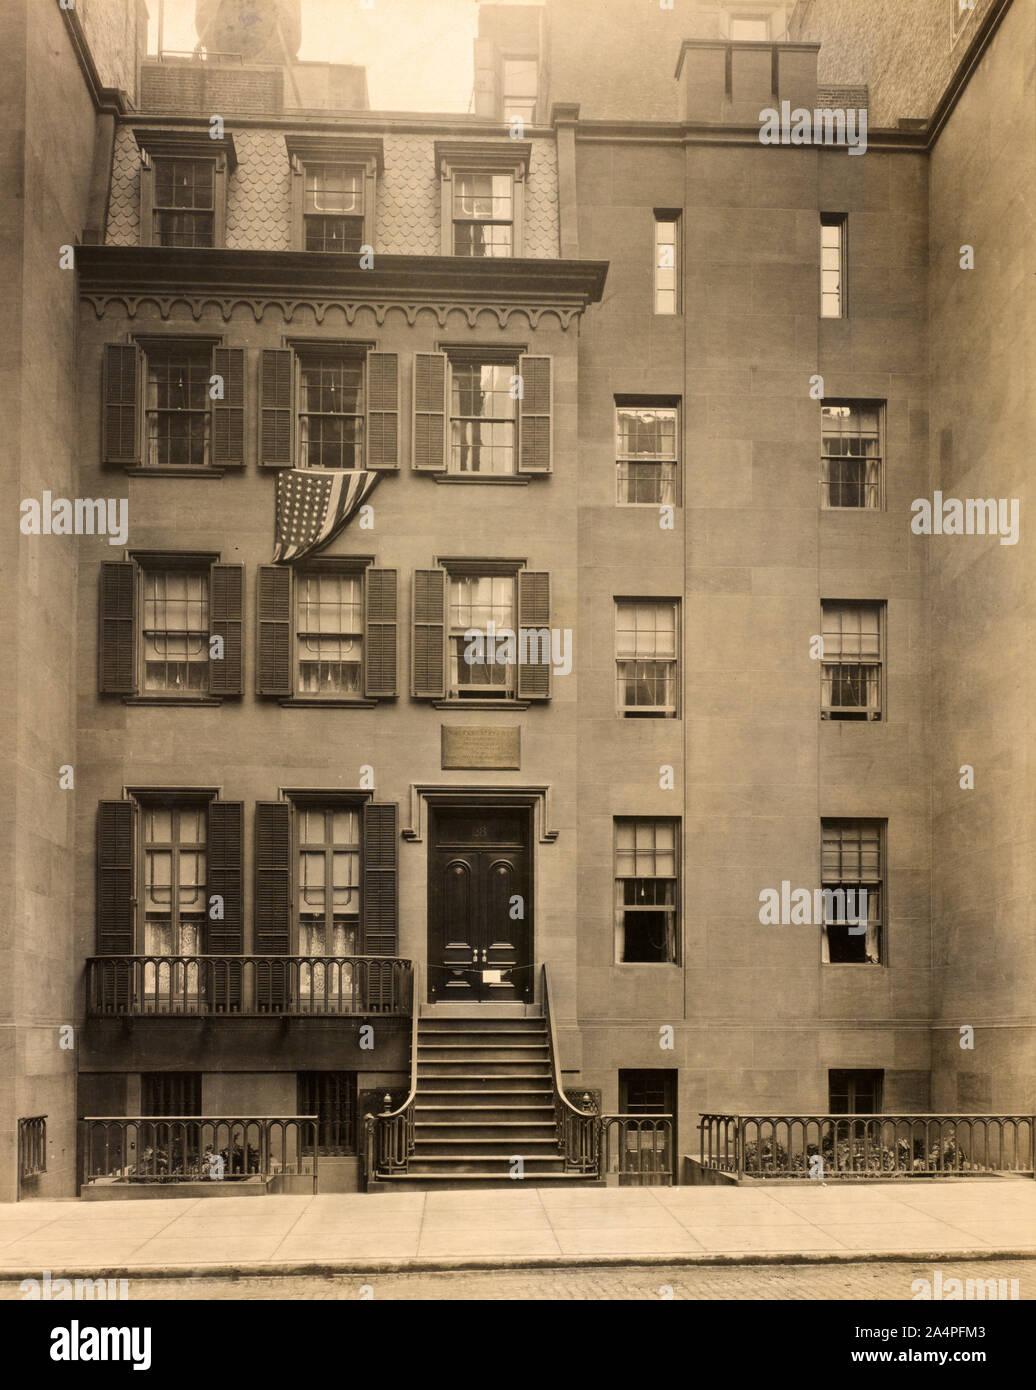 Lugar de nacimiento de Theodore Roosevelt, New York City, New York, Estados Unidos, Gillis & Geoghecan, 1923 Foto de stock